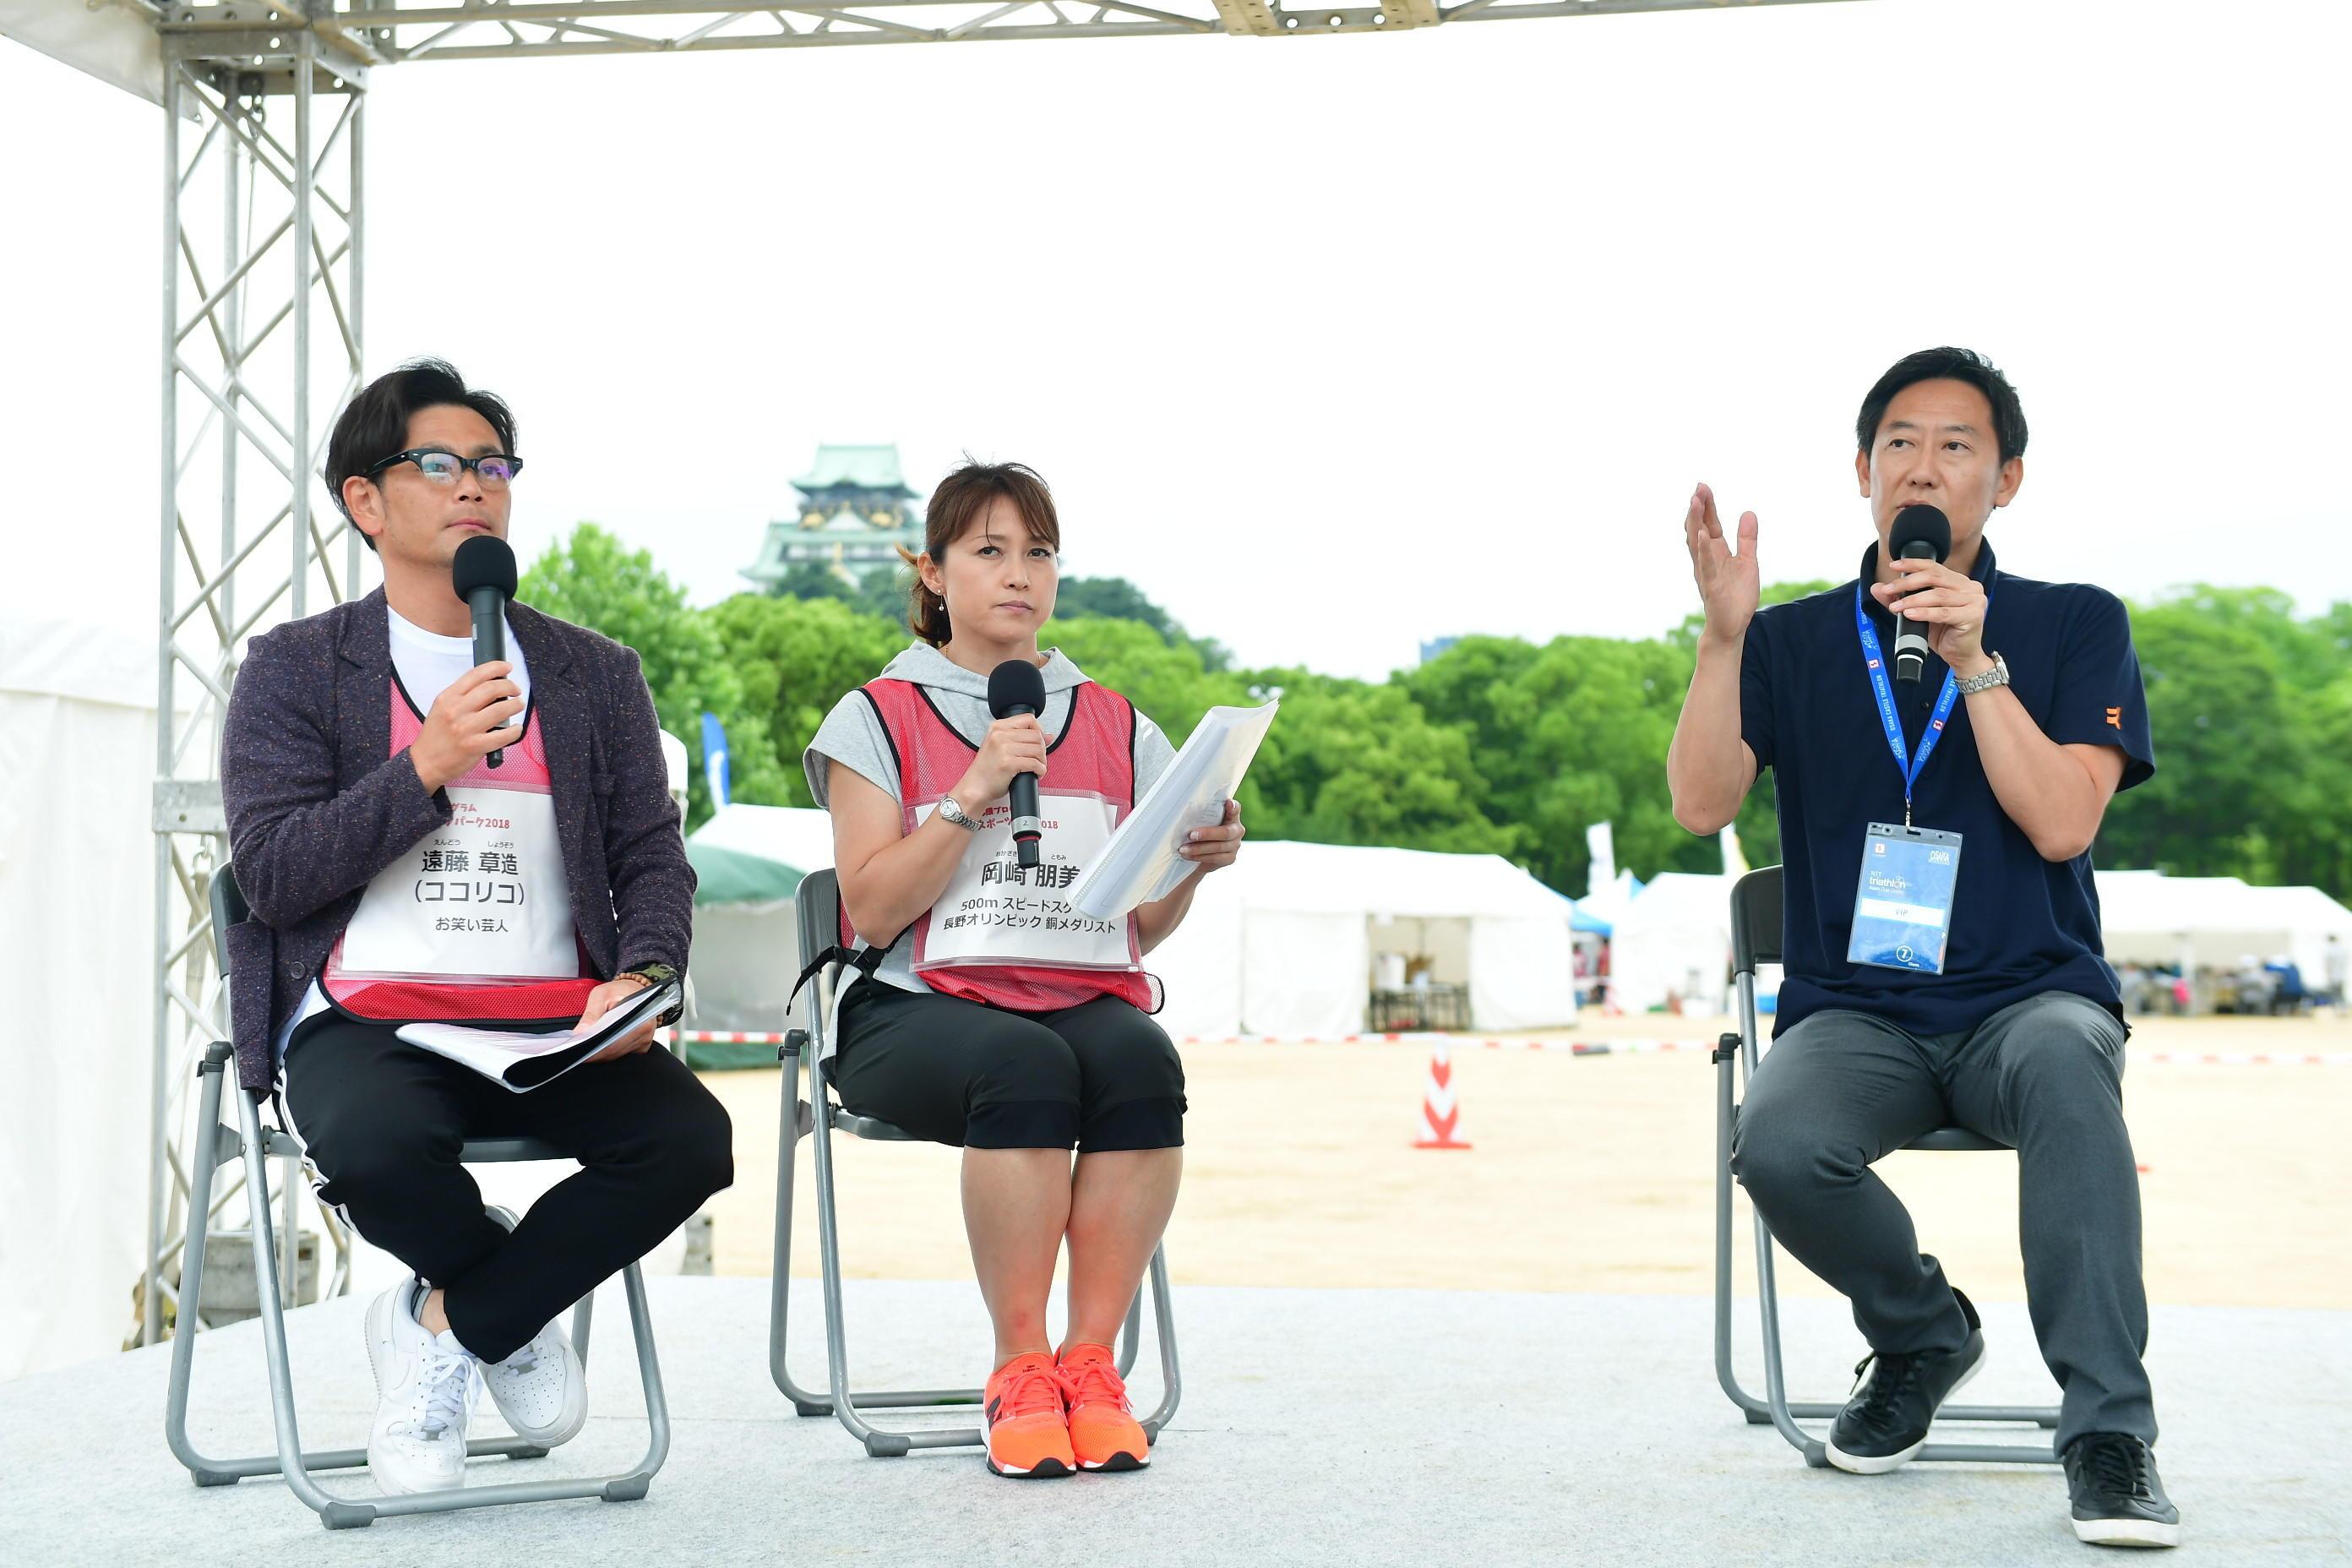 http://news.yoshimoto.co.jp/20180612161032-fa820e6f7fcbe4ae349b078c53f98bbd234a174d.jpg